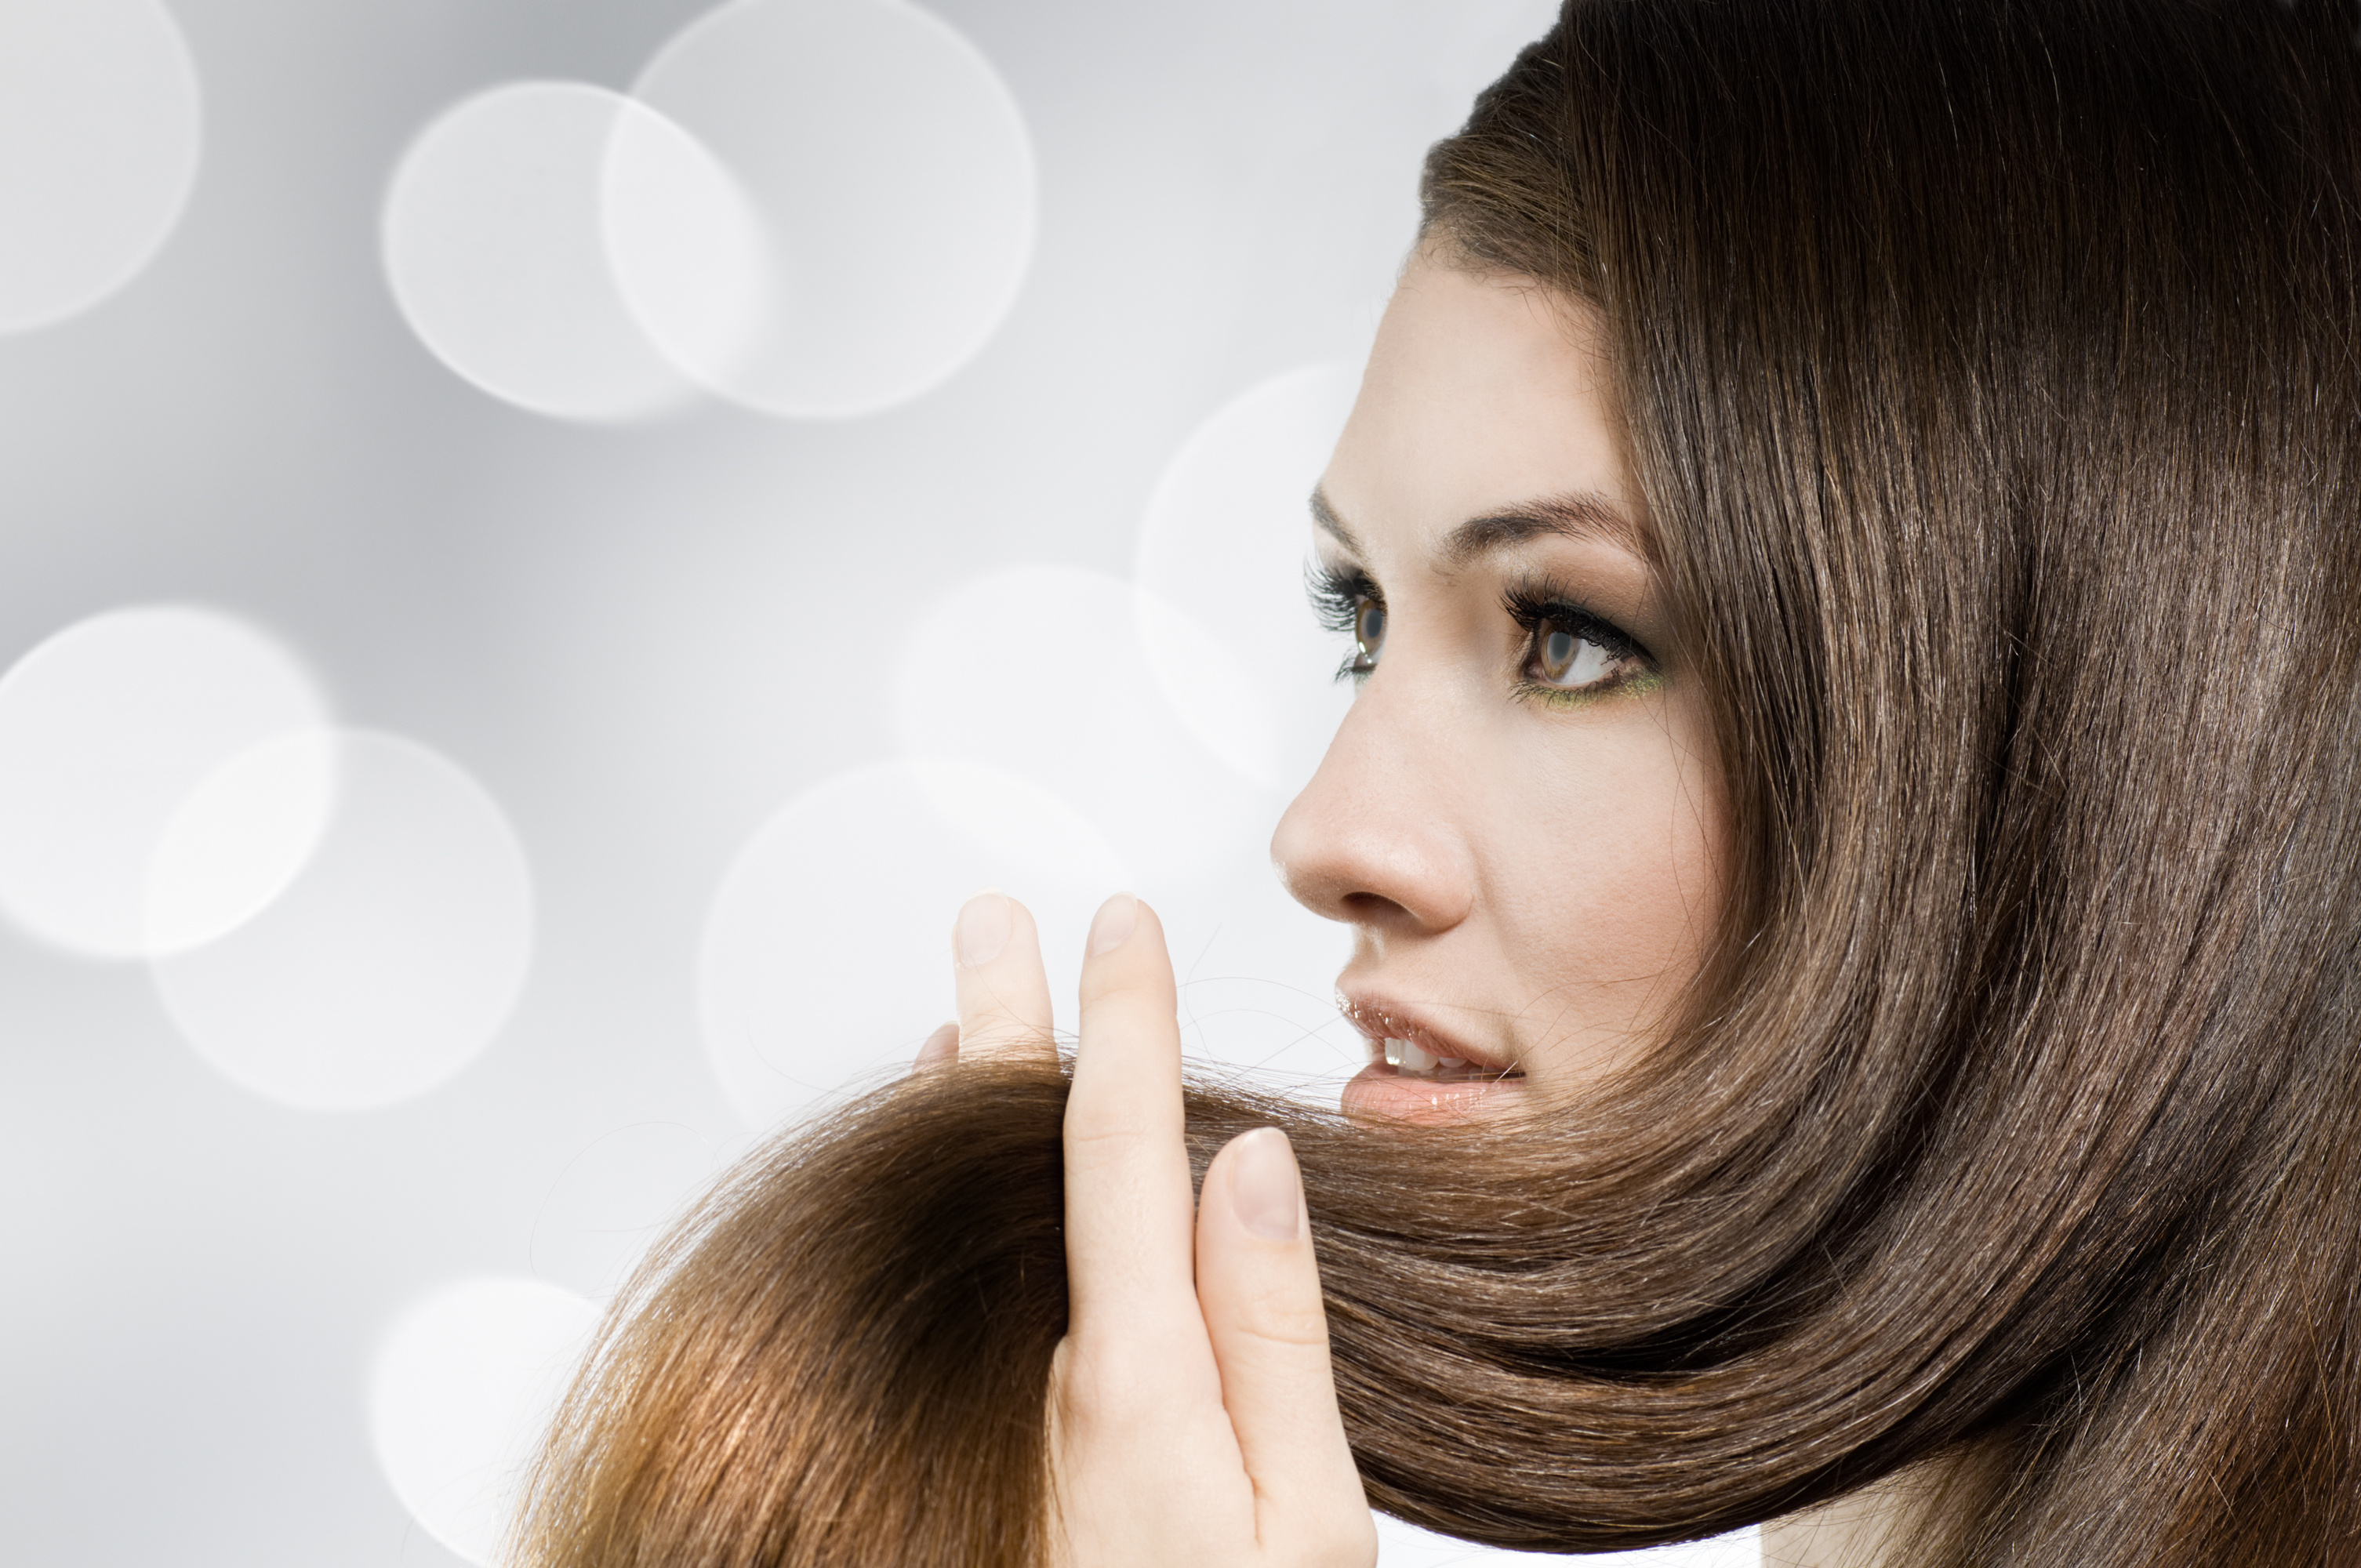 Кому показано молекулярное восстановление волос?